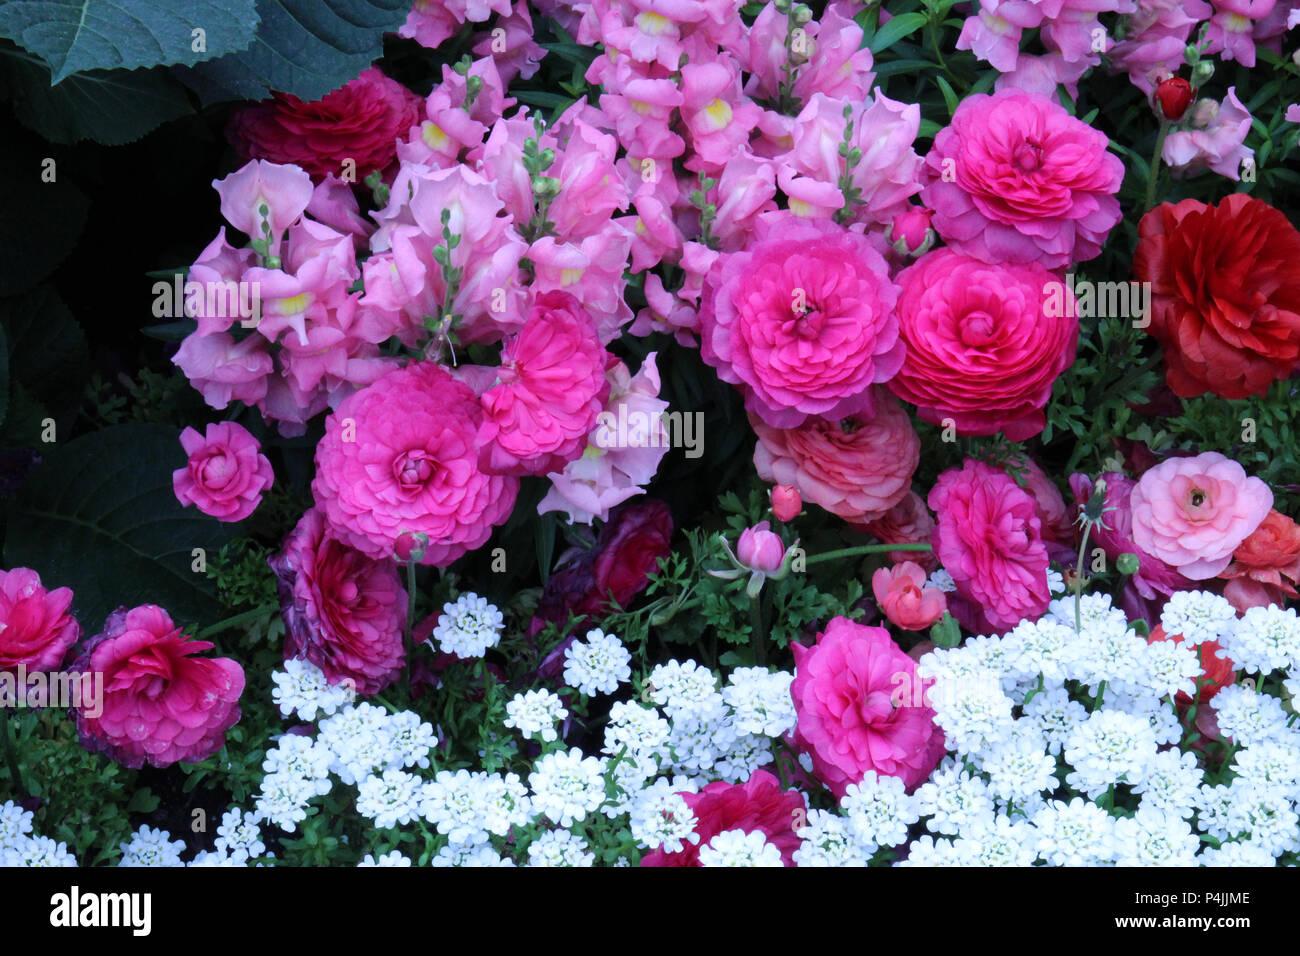 Un lit de fleur rempli de rose, de pêche et de mufliers roses renoncules, rouge et blanc fleurs Thlaspi Banque D'Images